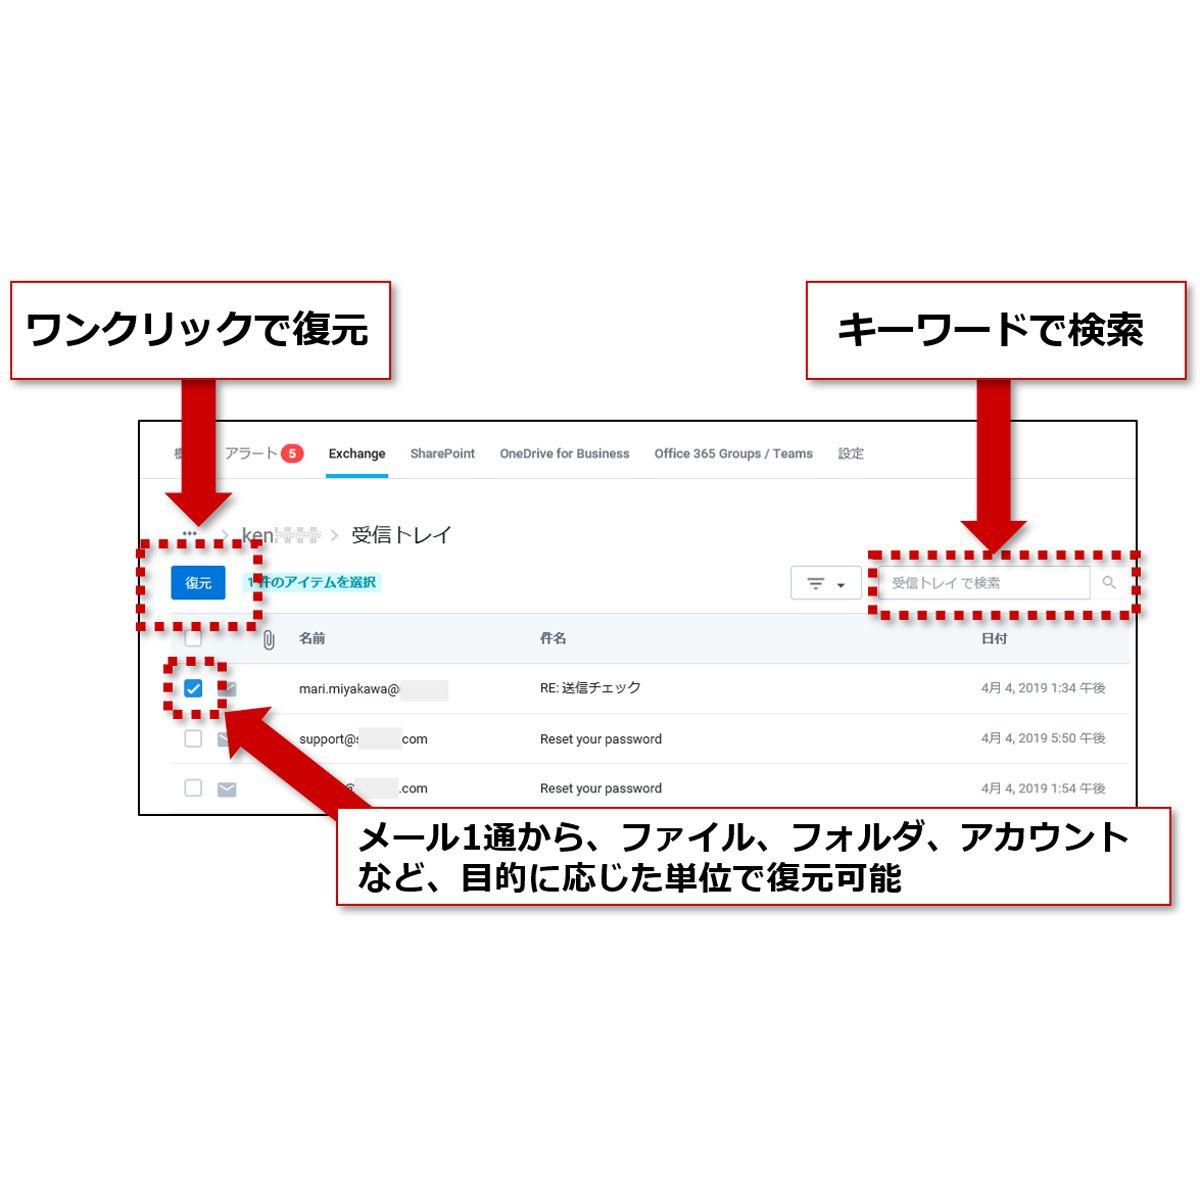 NTT Com、Office 365のデータをまるごと保存する「クラウドバックアップ」